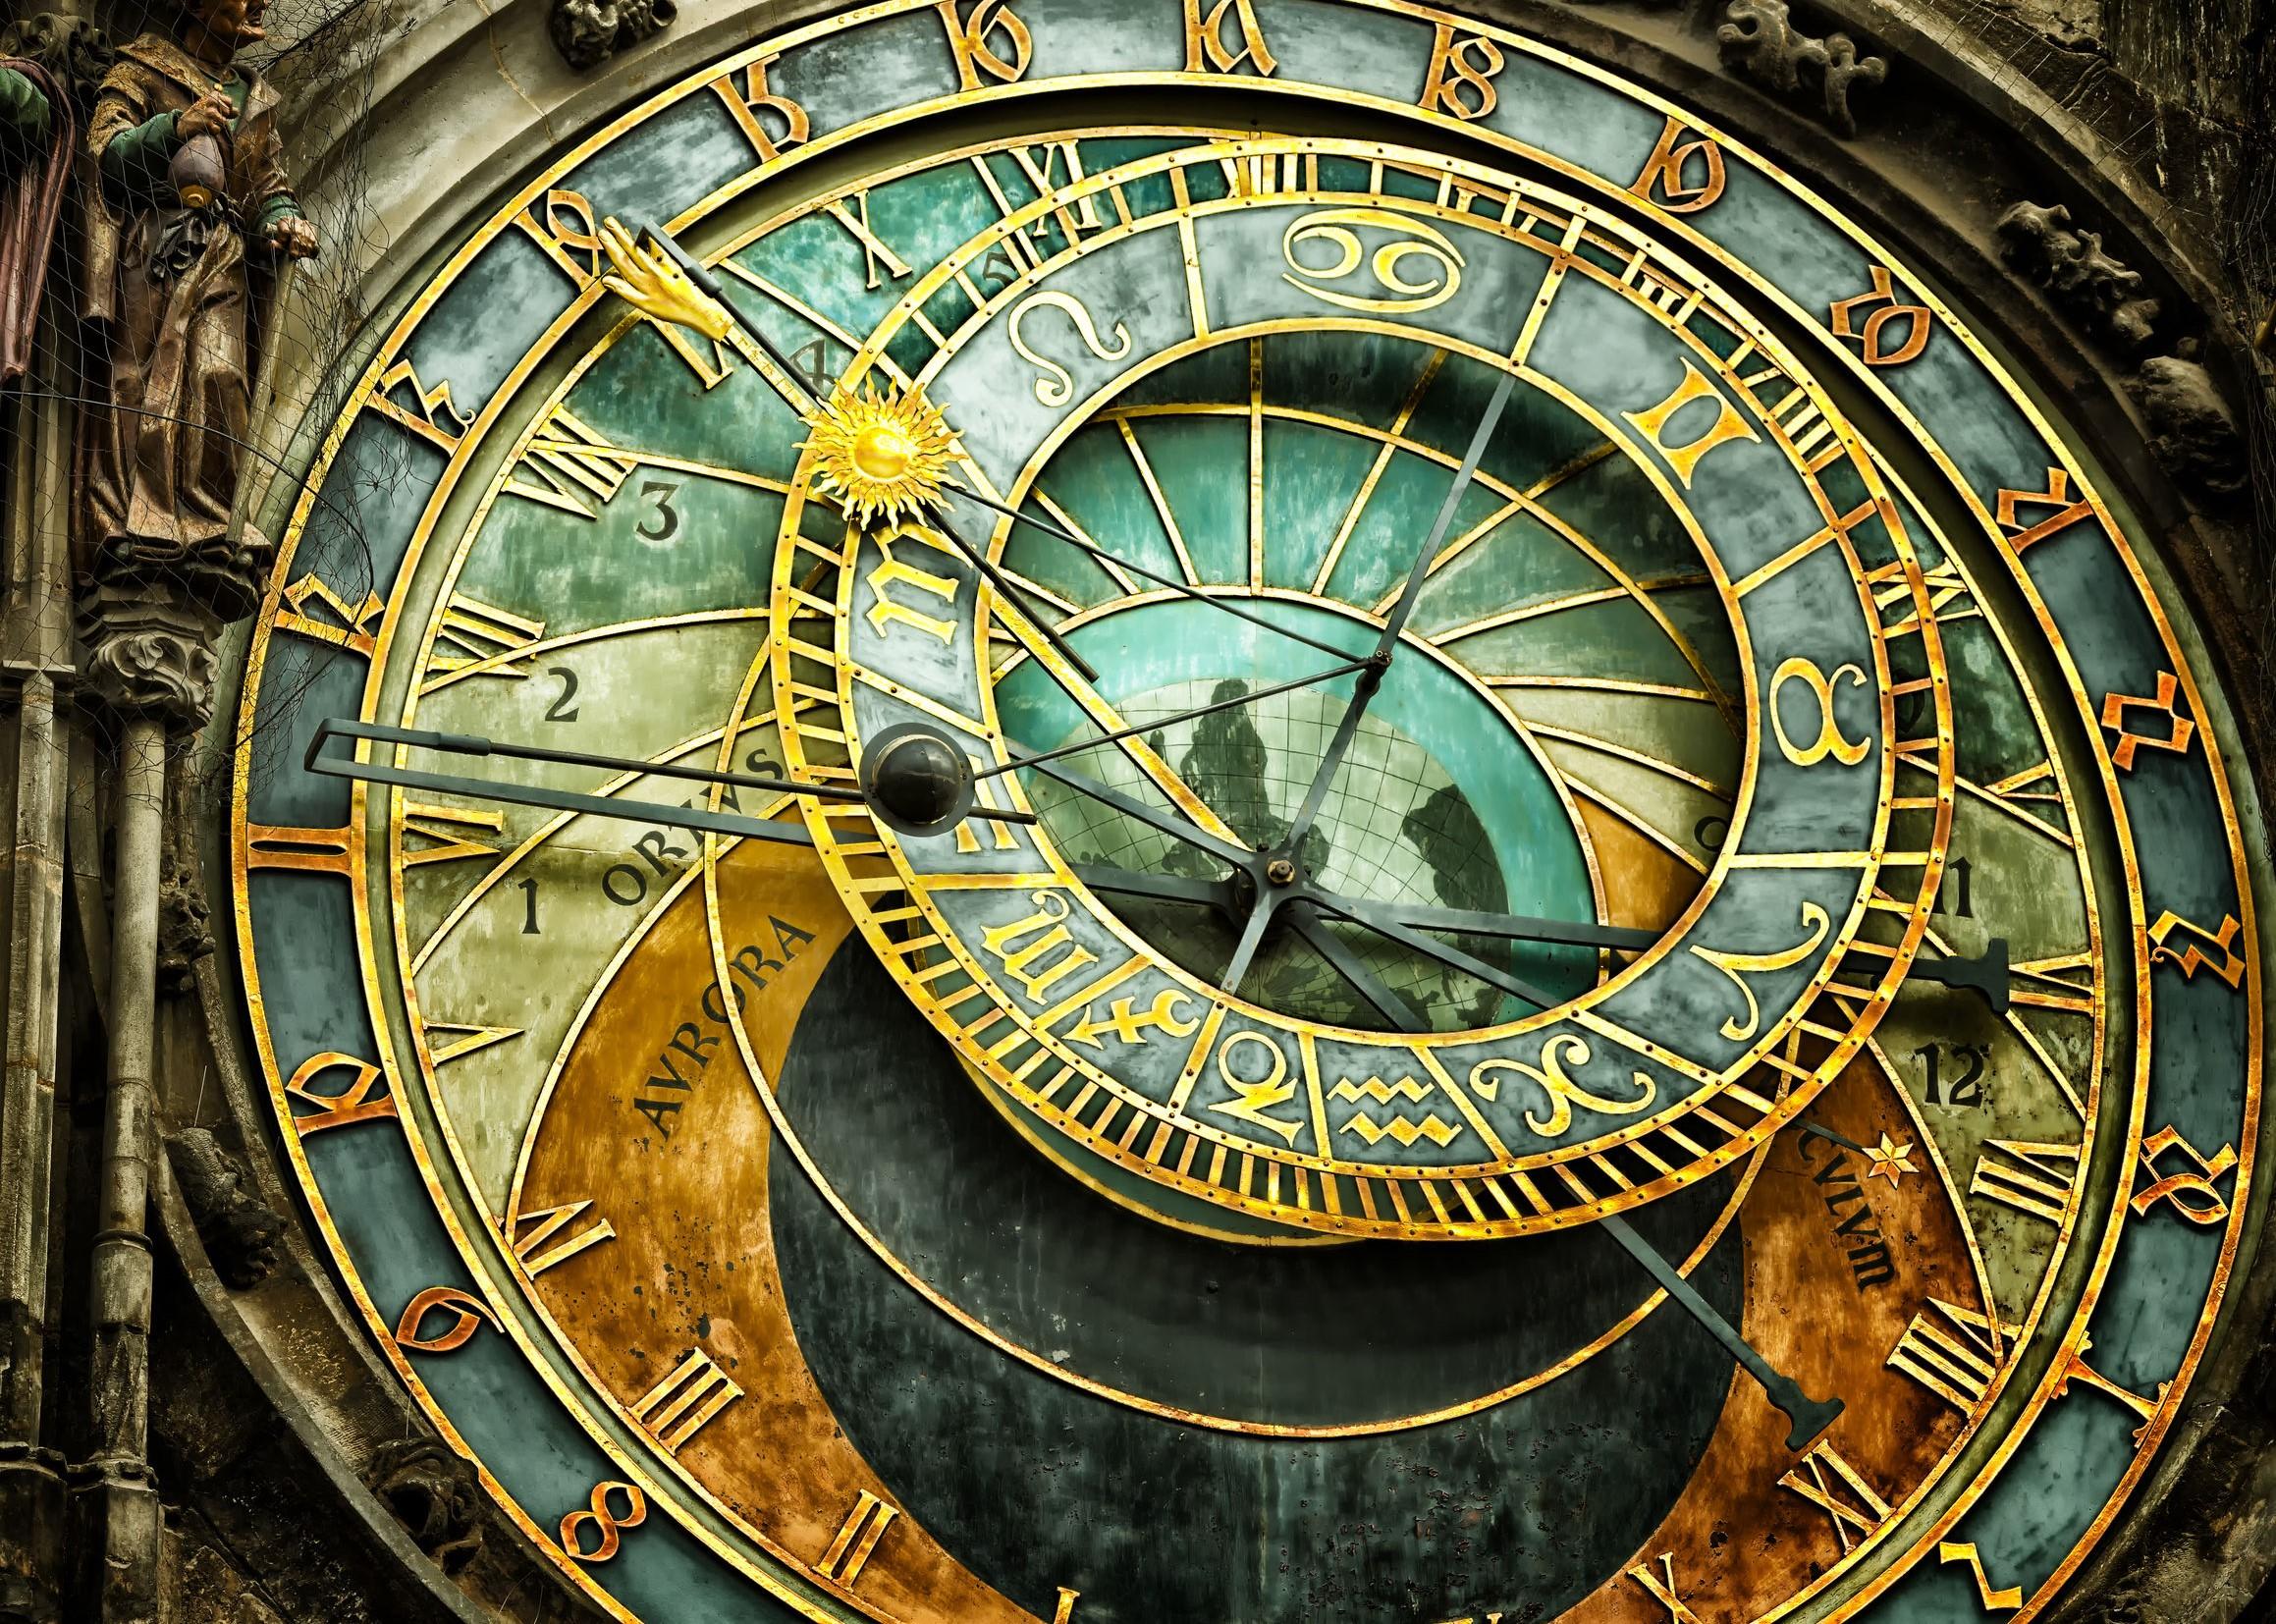 Ο Ερμής στους Ιχθύες. Εβδομαδιαίες Προβλέψεις από 11 έως 17 Φεβρουαρίου2019.